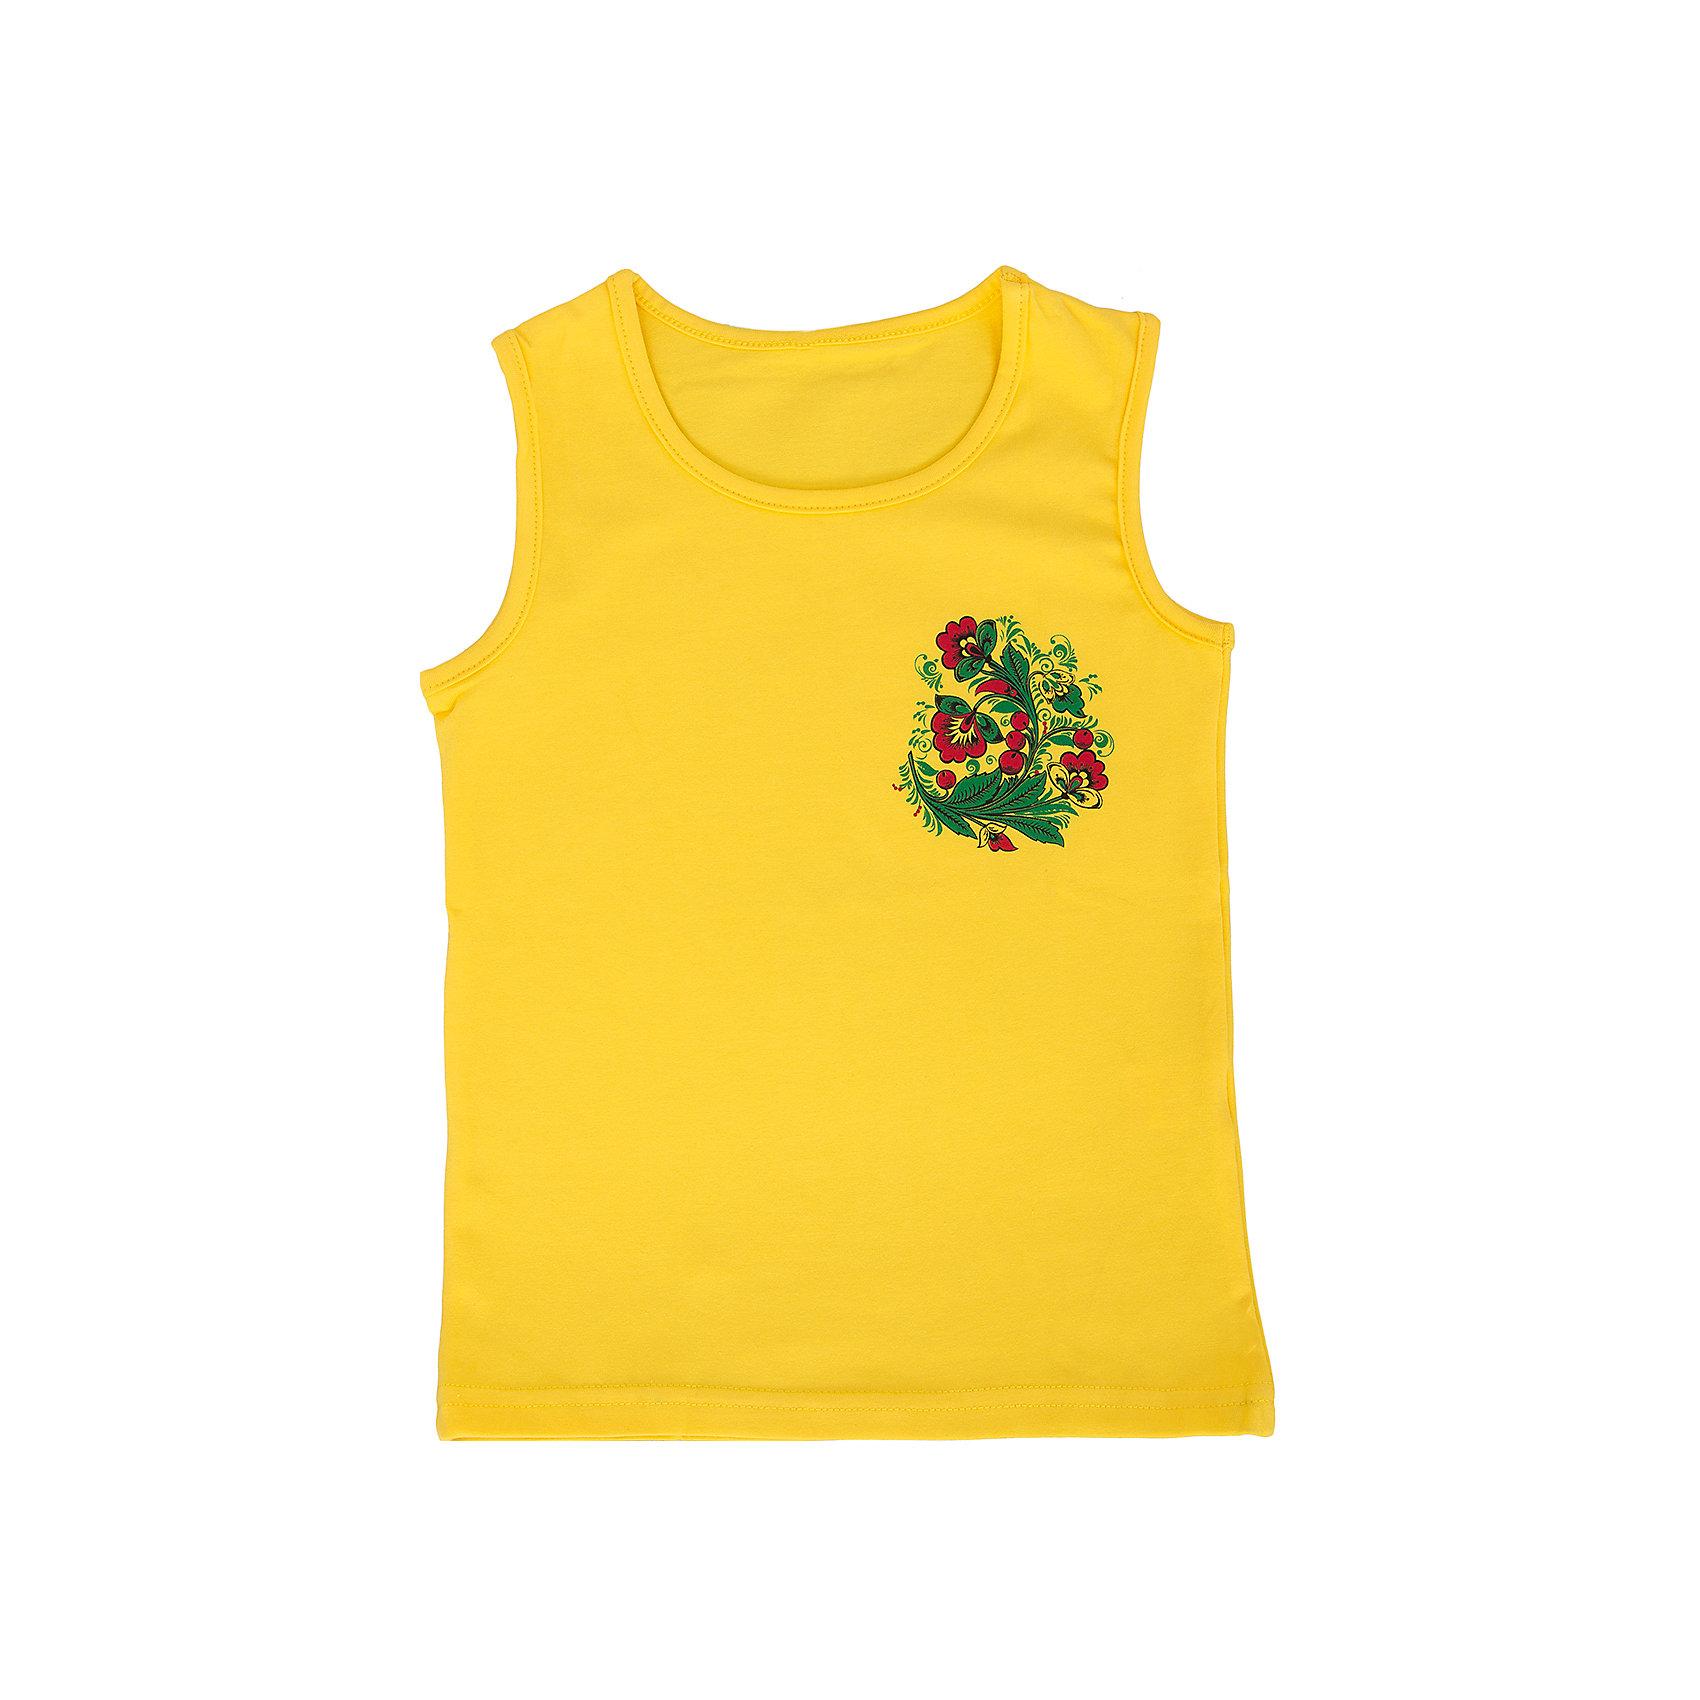 Майка для девочки АпрельФутболки, поло и топы<br>Яркая летняя майка от торговой марки Апрель идеально дополнит летний образ маленькой модницы. Майка для девочки идеально сочетается с лосинами и шапочками из одноименной коллекции Хохлома.<br><br>Дополнительная информация: <br><br>- цвет: желтый <br>- состав: 92% хлопок, 8% лайкра<br>- ткань: кулир<br>- фирма-производитель: Апрель<br>- страна-производитель: Россия<br>- коллекция: Хохлома<br><br>Майку коллекции Хохлома от торговой марки Апрель можно купить в нашем интернет-магазине.<br><br>Ширина мм: 196<br>Глубина мм: 10<br>Высота мм: 154<br>Вес г: 152<br>Цвет: желтый<br>Возраст от месяцев: 96<br>Возраст до месяцев: 108<br>Пол: Женский<br>Возраст: Детский<br>Размер: 140,122,134,128,116<br>SKU: 4763648